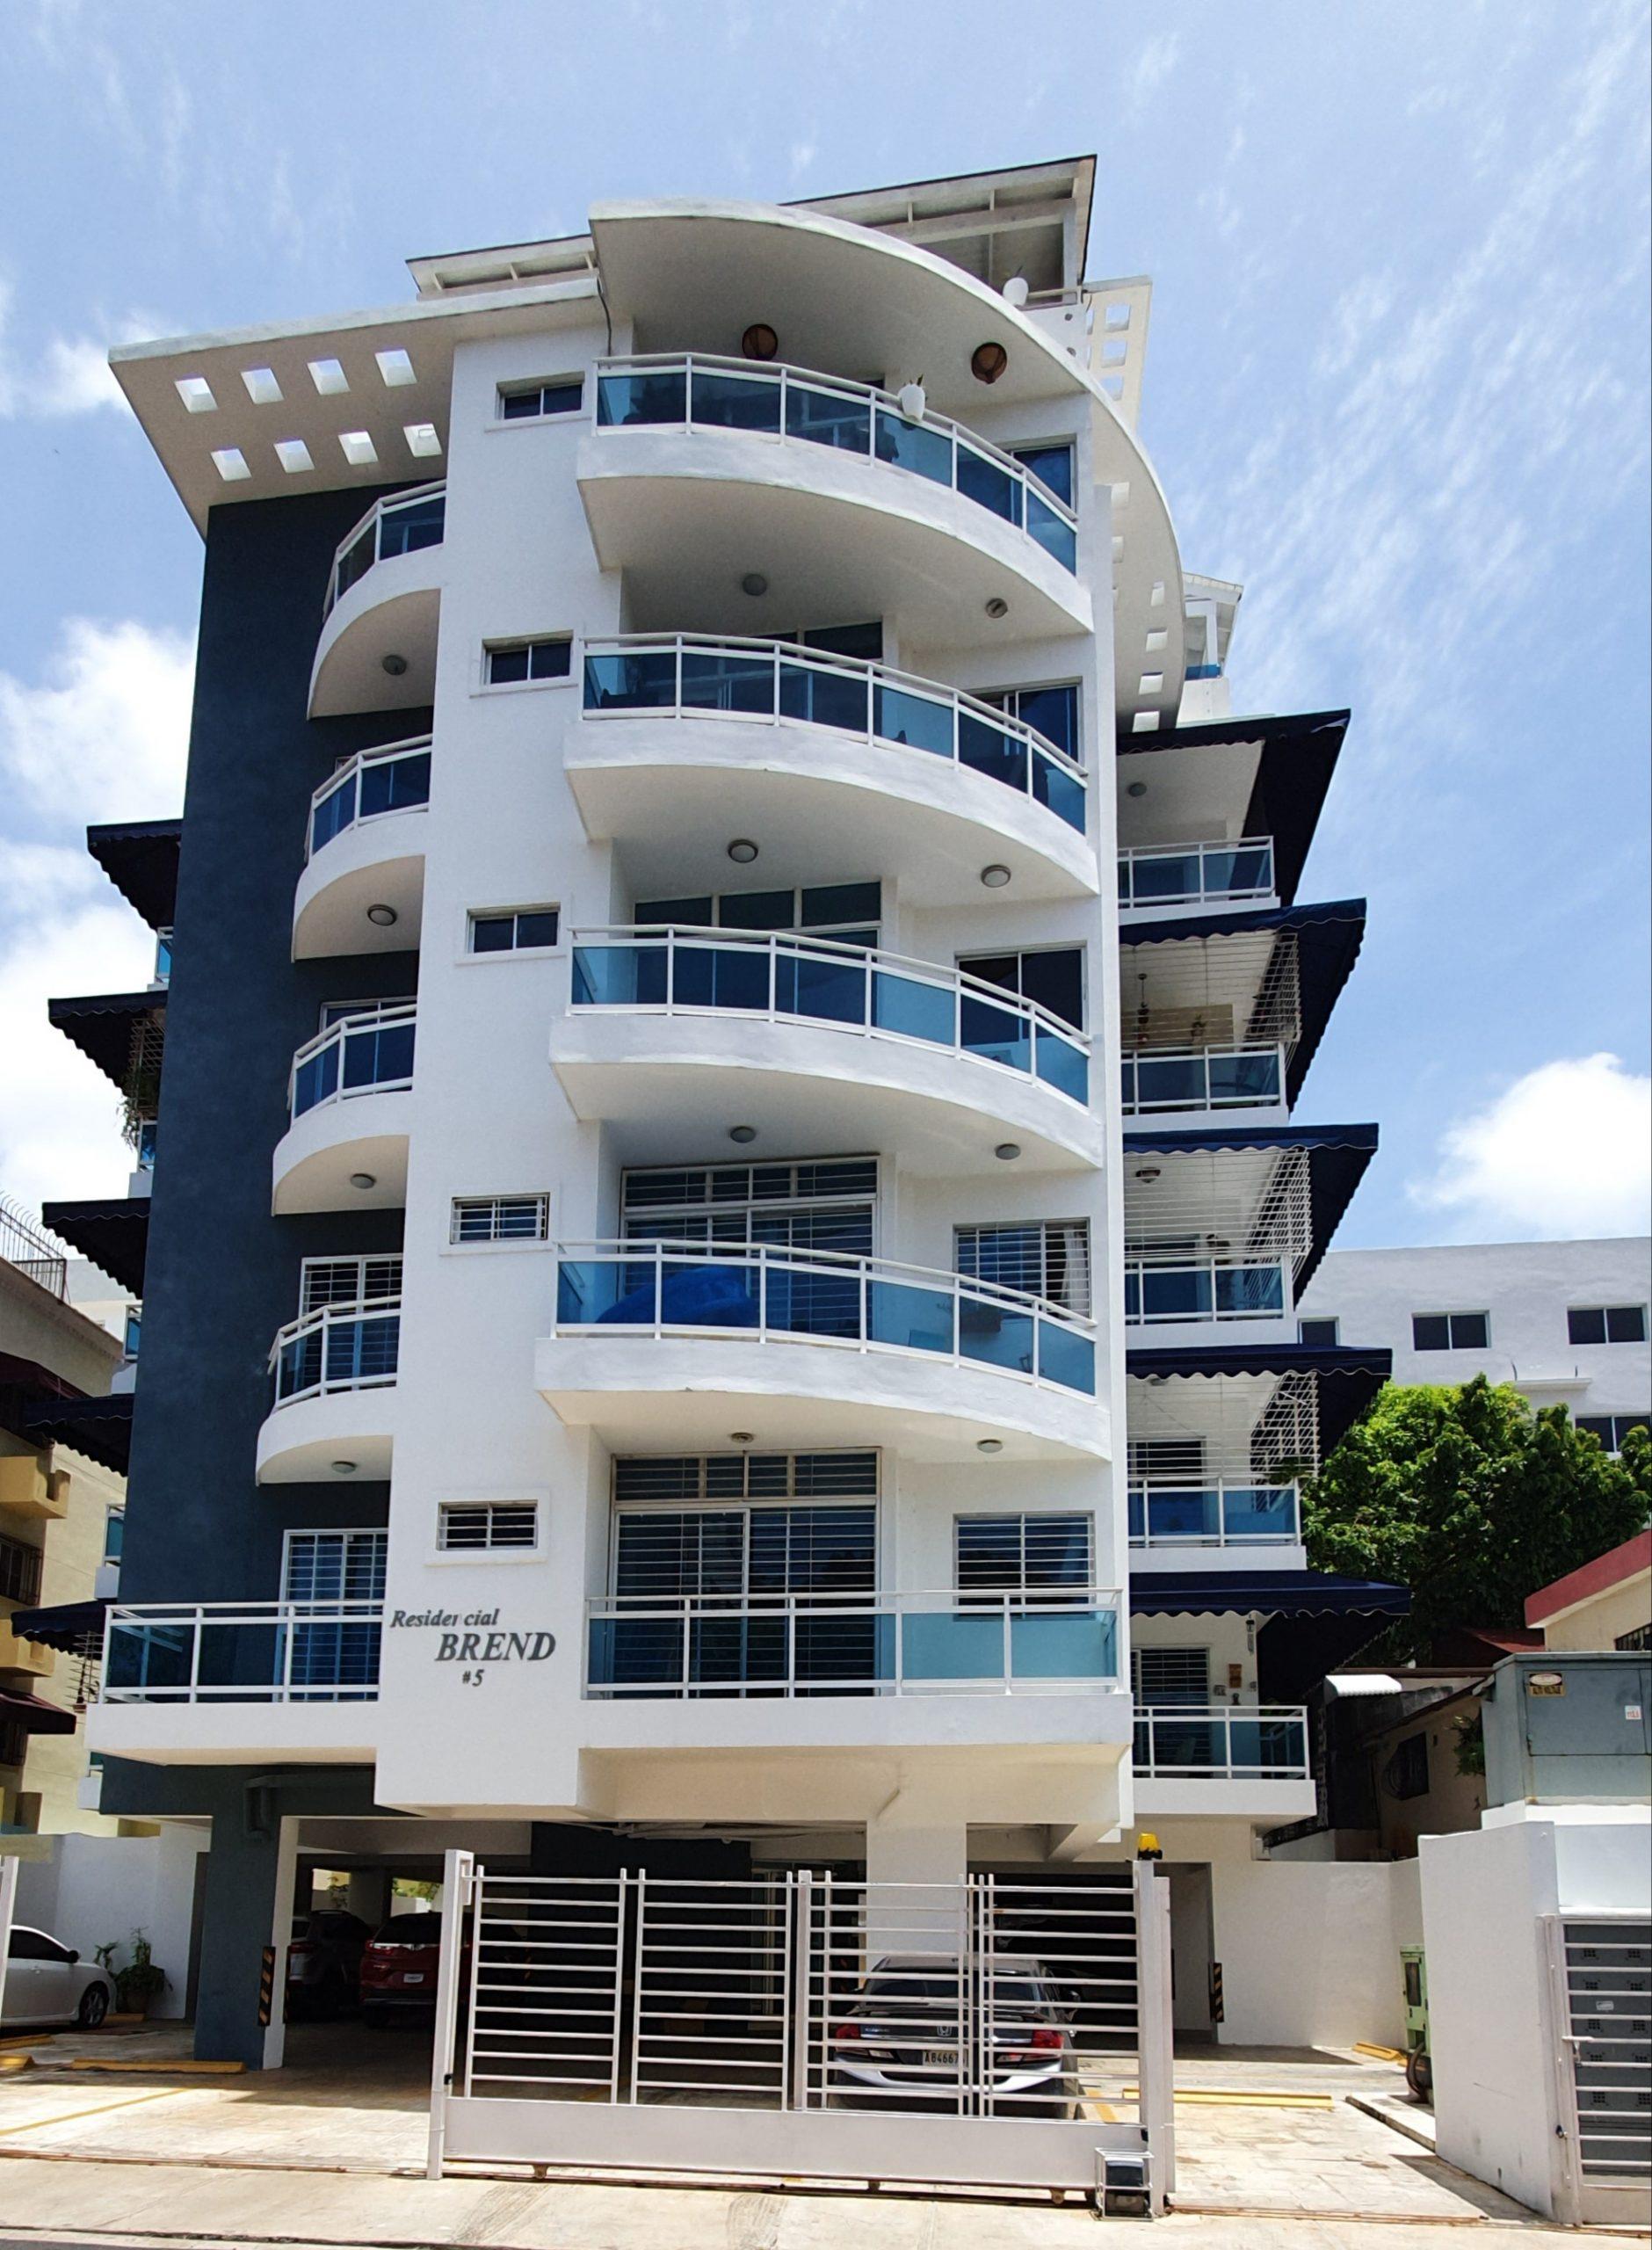 Comprar una propiedad alquilada. Importancia del contrato de alquiler.